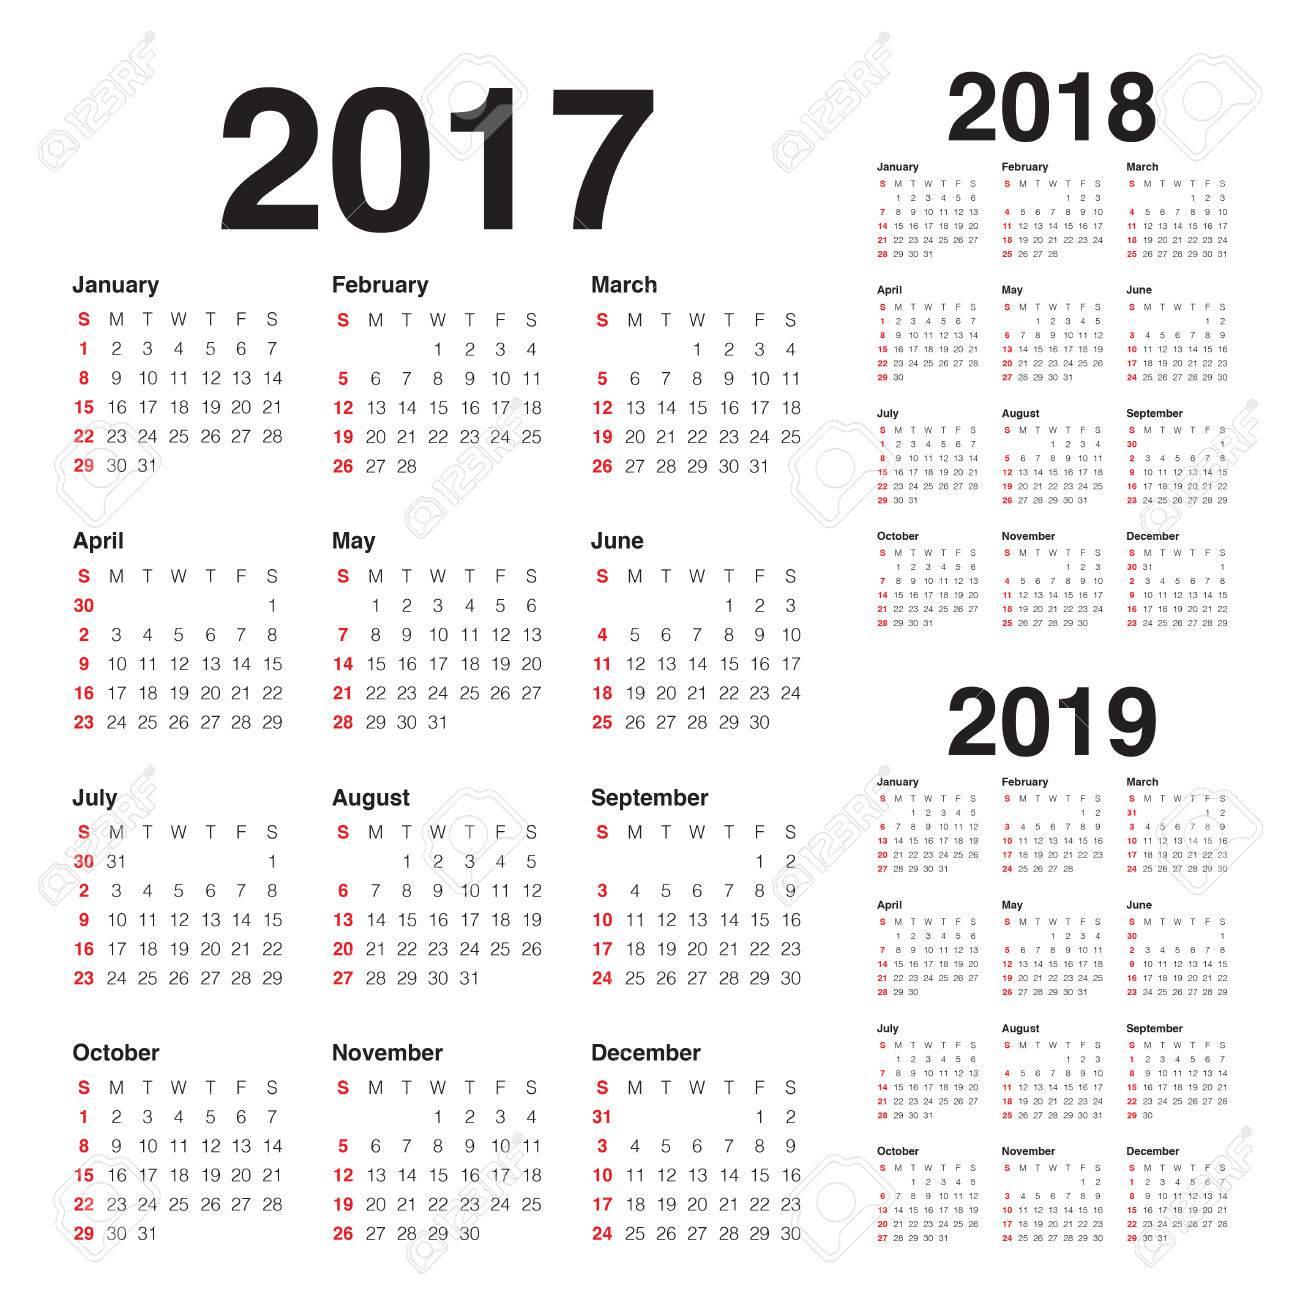 Einfacher Kalender-Vorlage Für 2017, 2018 Und 2019 Lizenzfrei ...